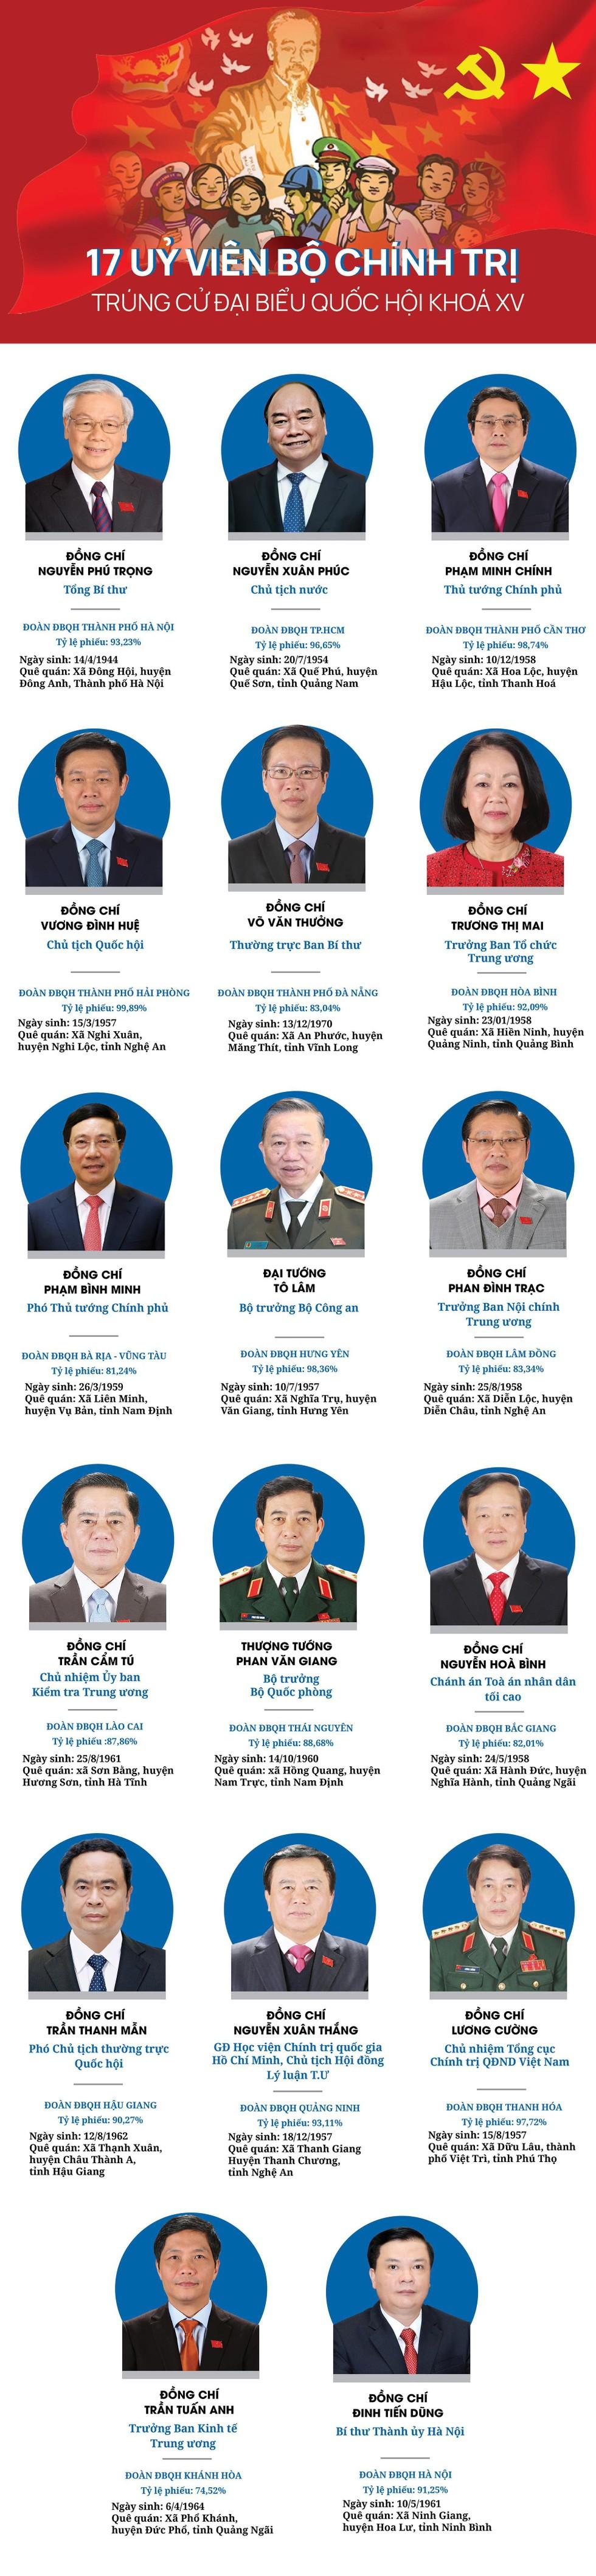 17 Uỷ viên Bộ Chính trị trúng cử đại biểu Quốc hội khóa XV ảnh 1